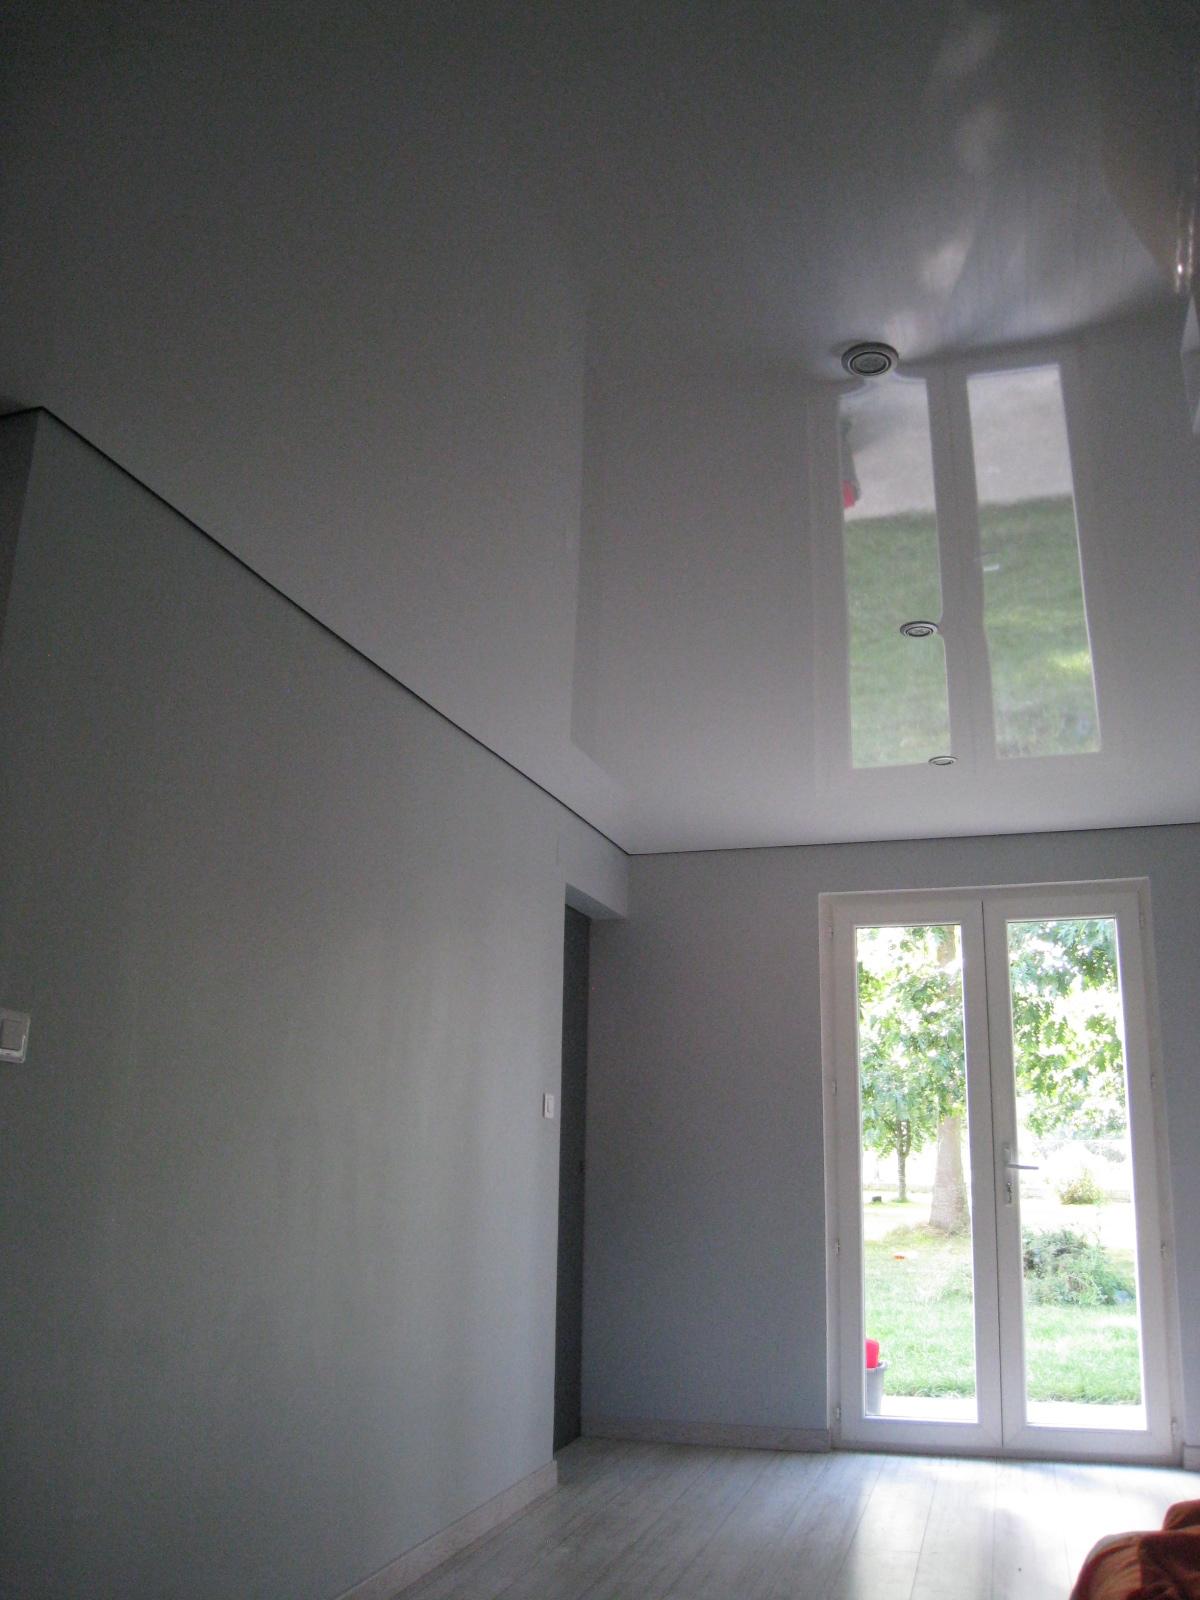 Plafond miroir elegant de haute qualit creative miroir for Miroir au plafond